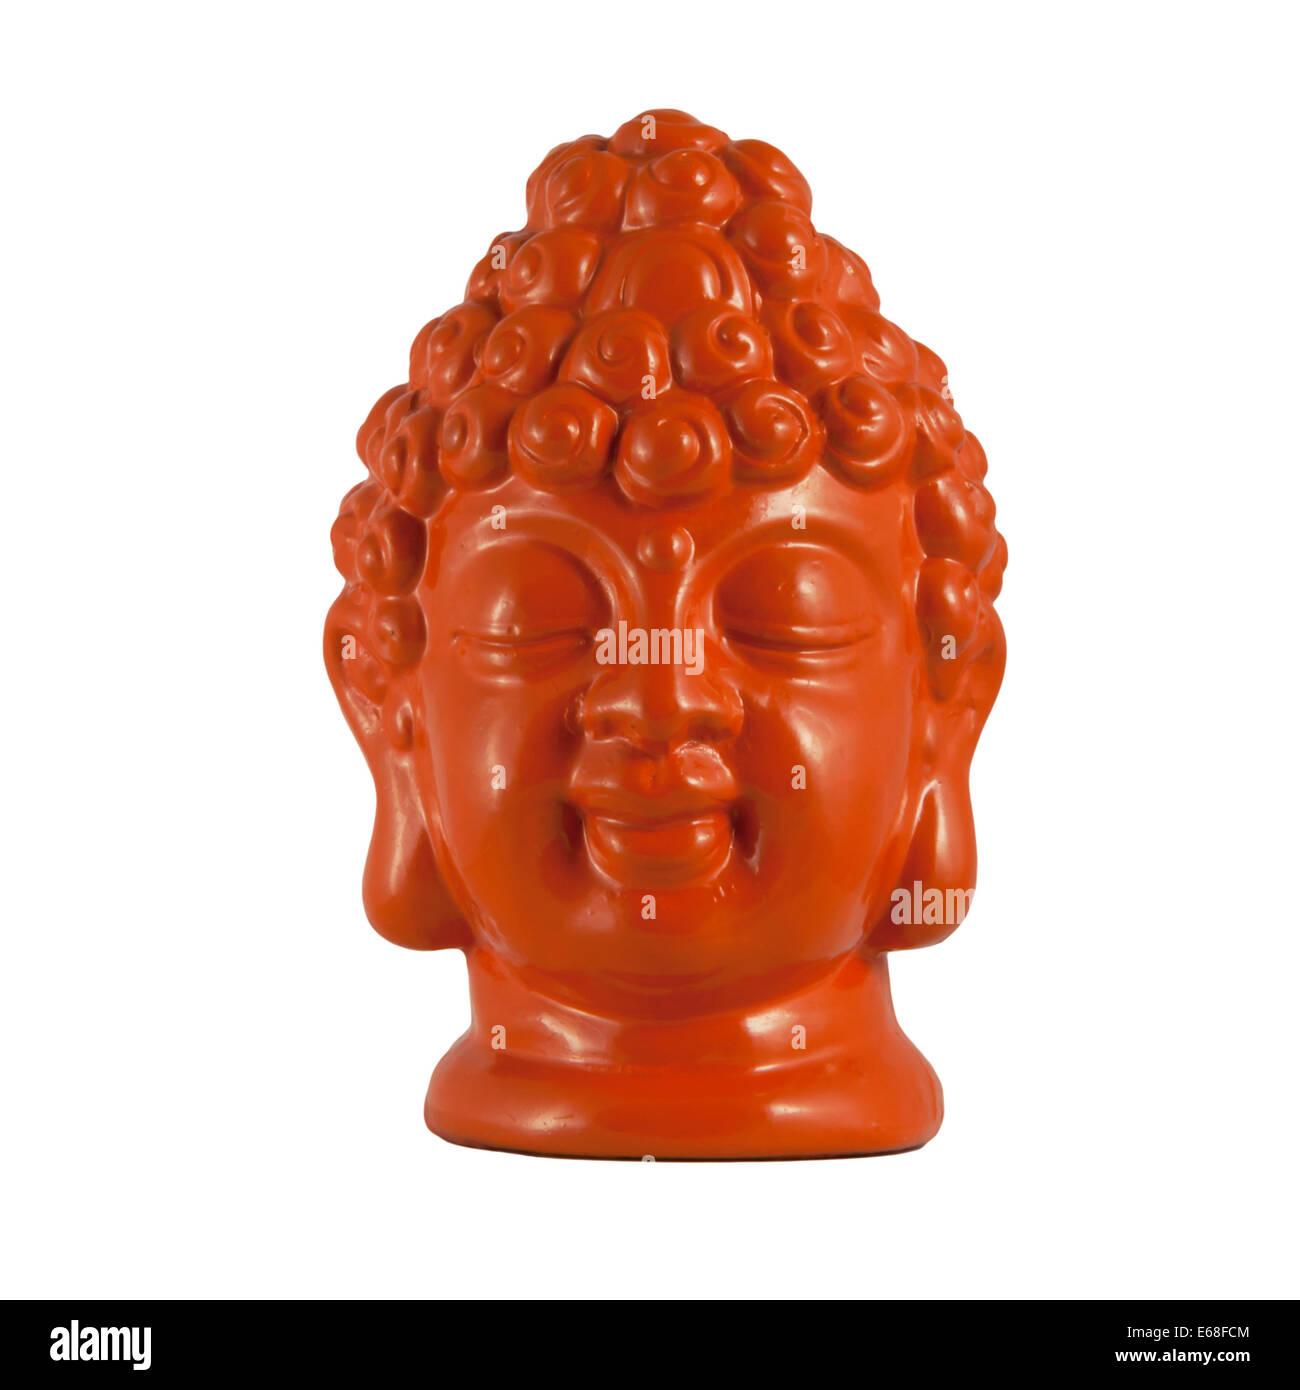 Orange clay head of Buddha isolated on white - Stock Image